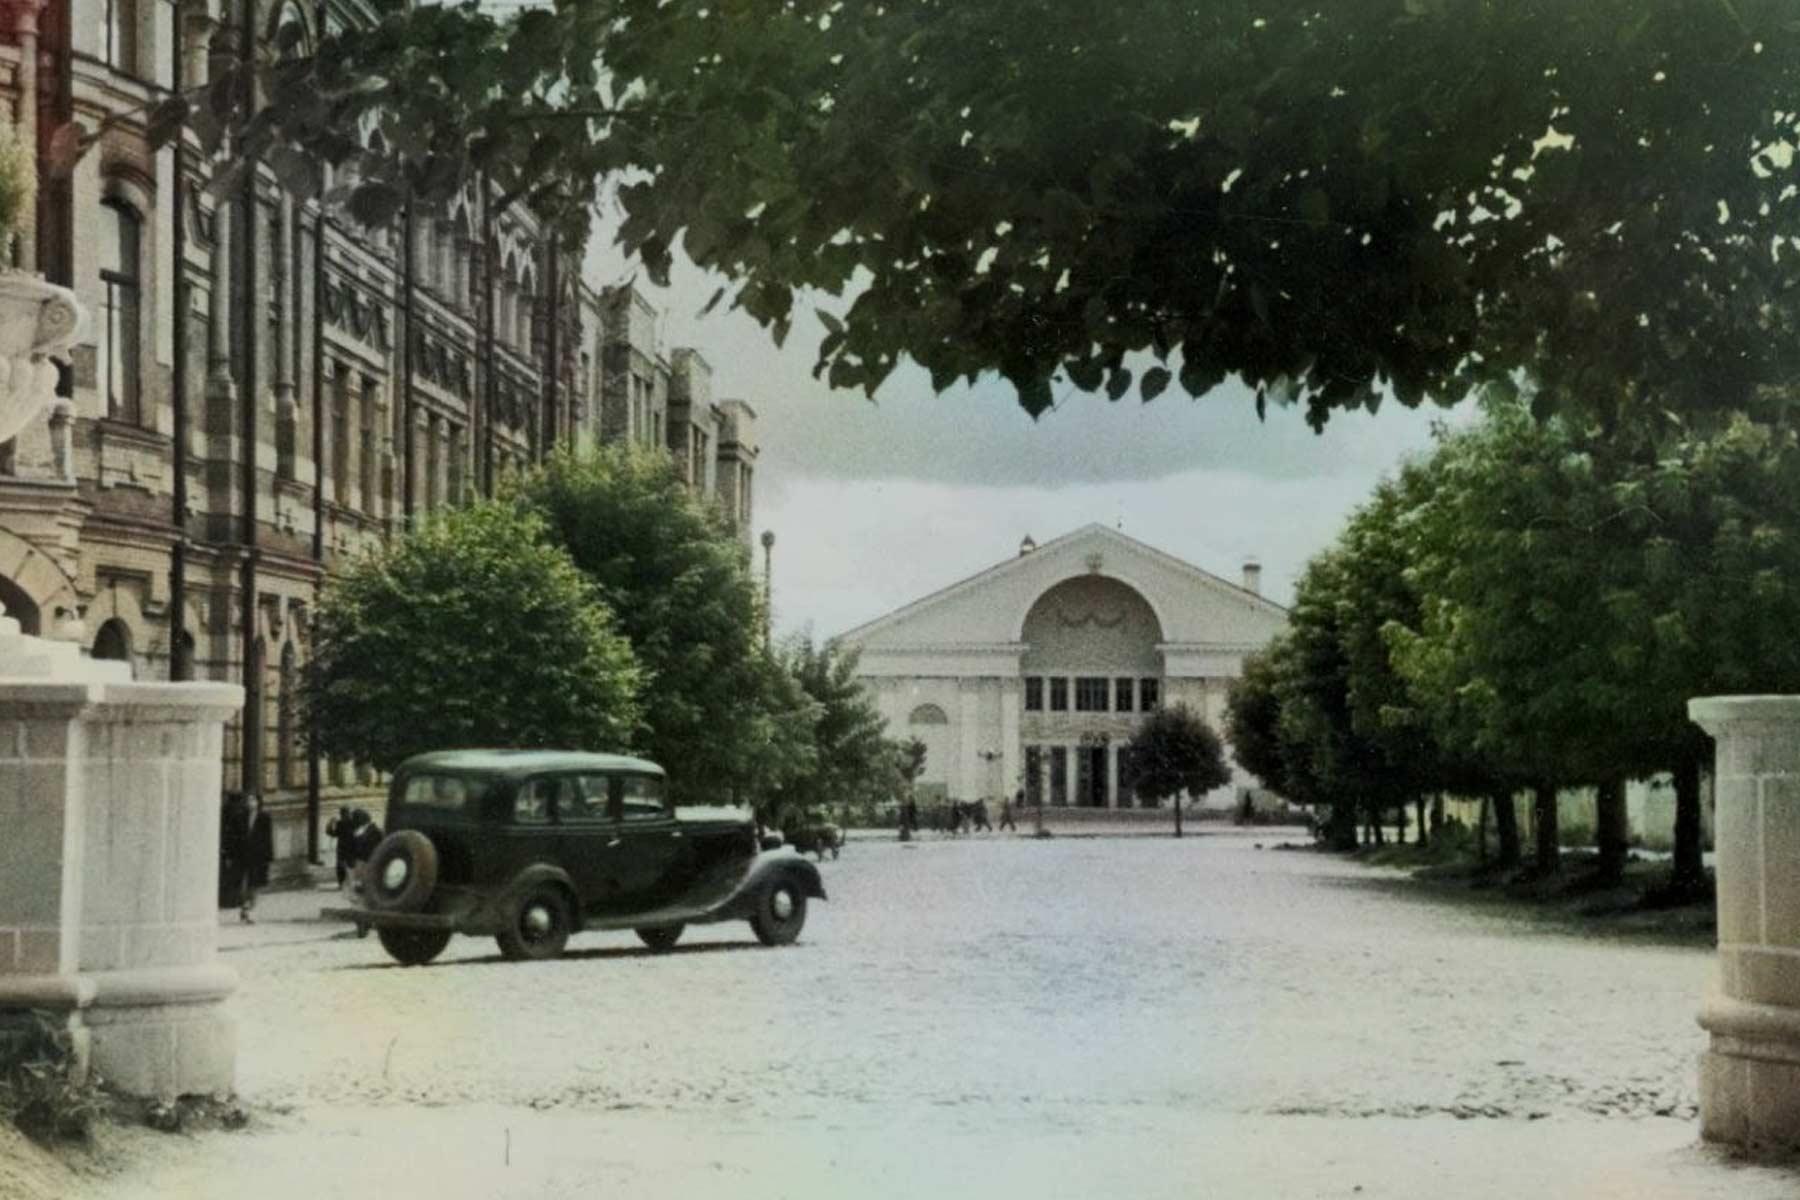 Приглашаем на экскурсию по истории послевоенного Брянска